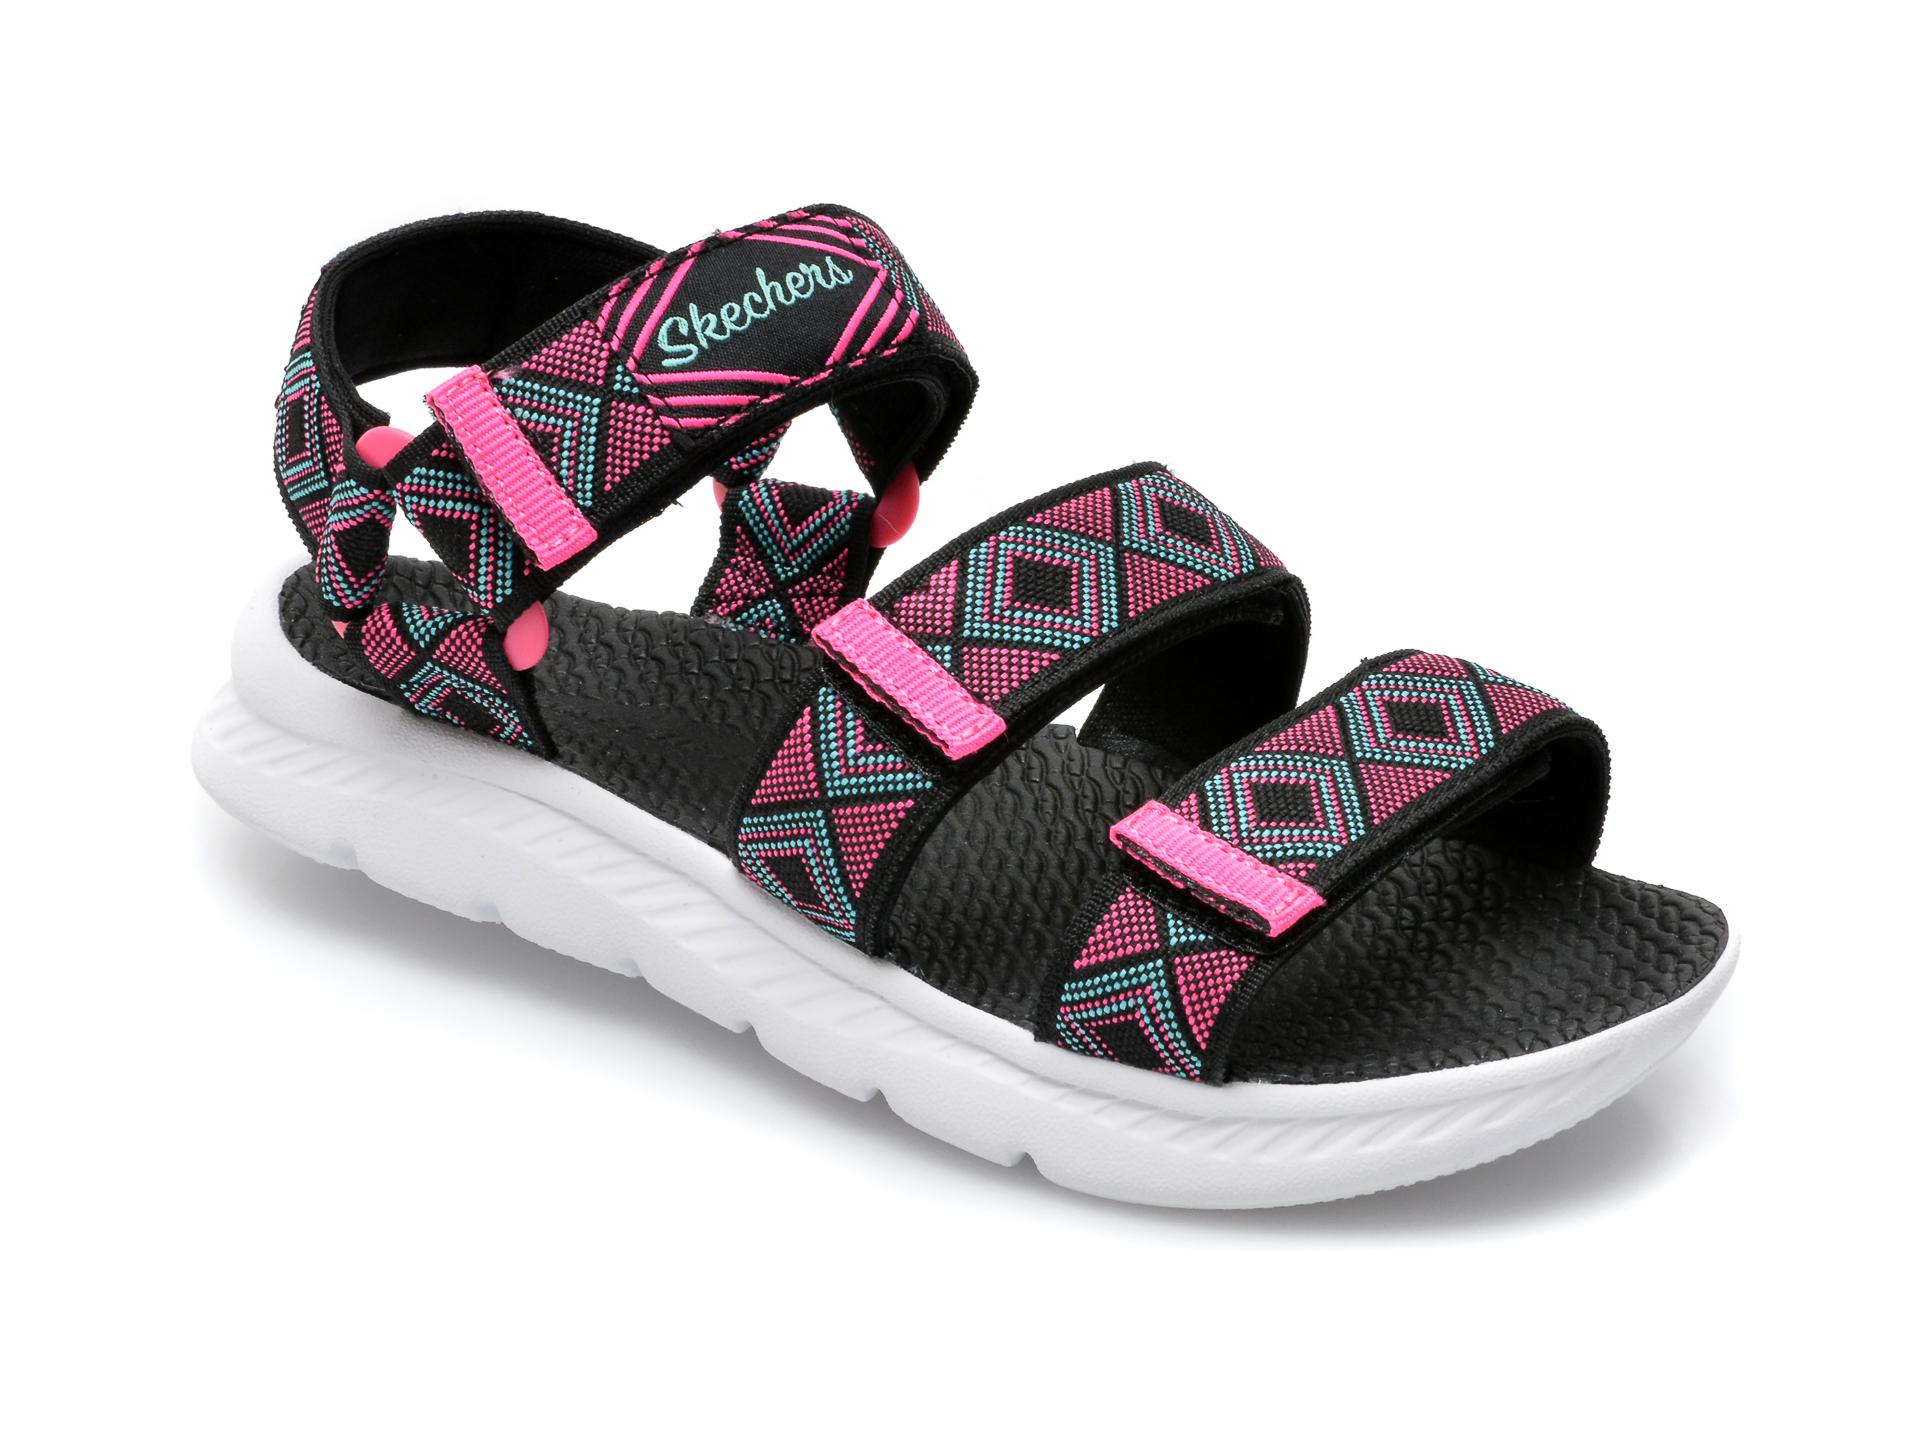 Sandale SKECHERS negre, C-Flex Sandal 2.0 Bohemian Beauty, din material textil imagine otter.ro 2021